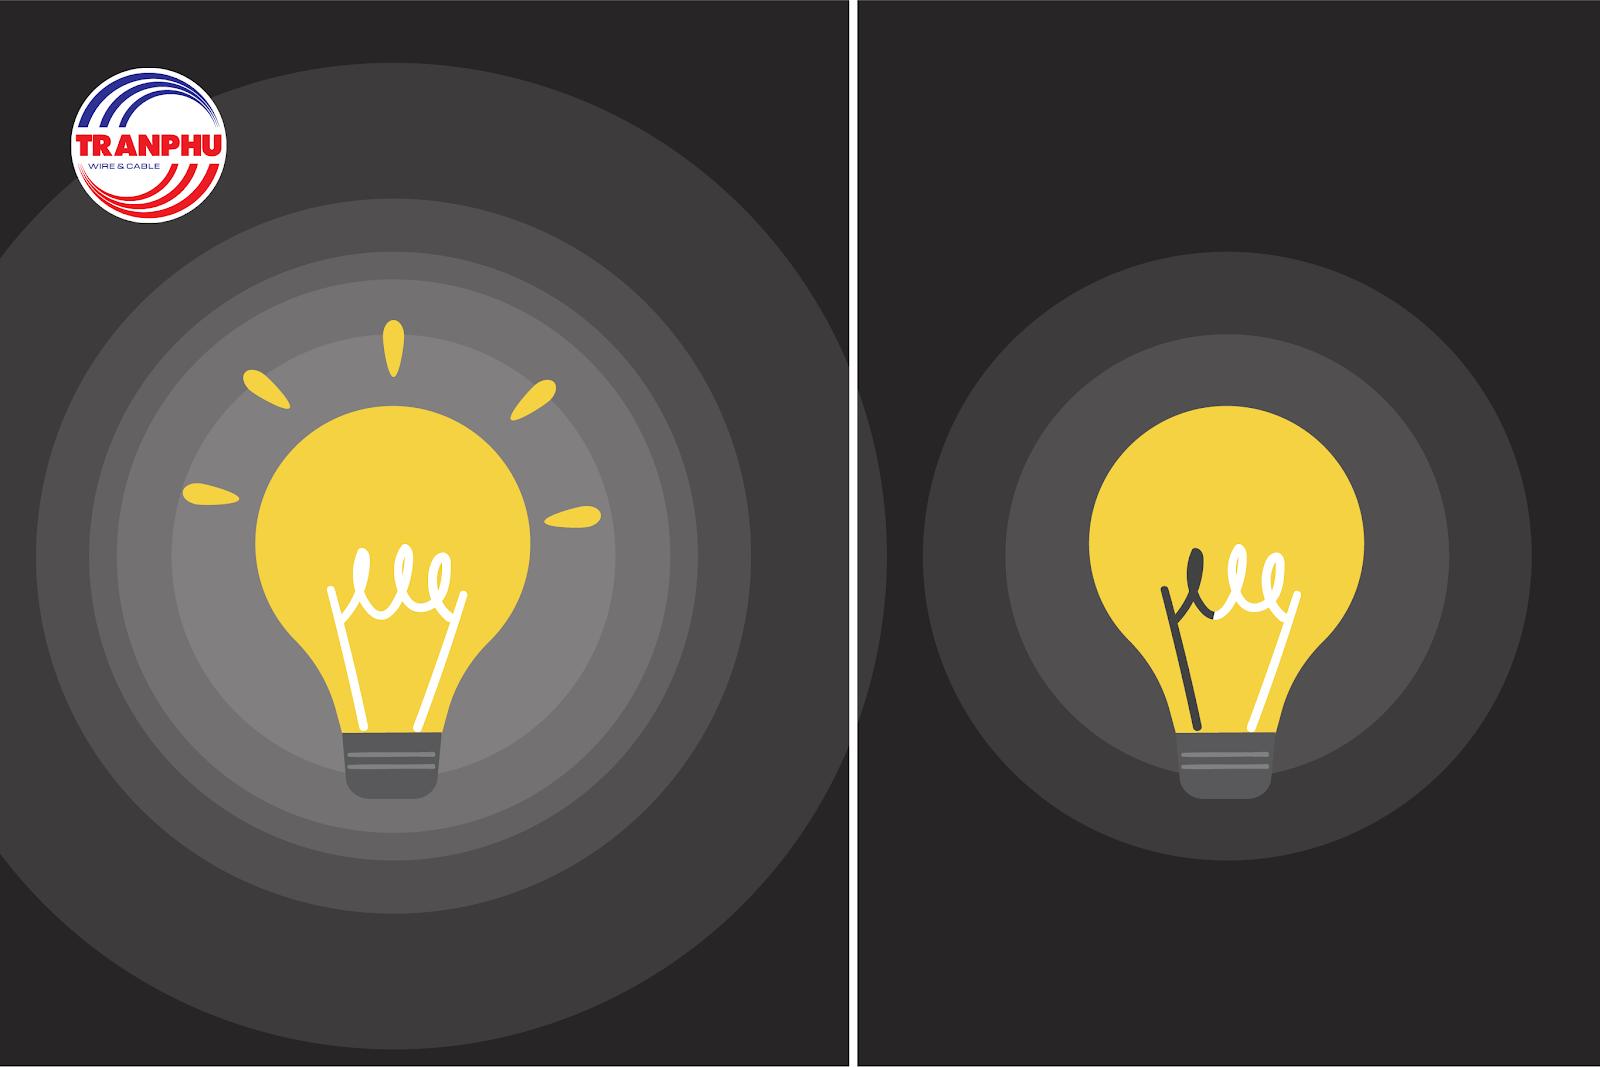 Bóng đèn chiếu sáng chập chờn là dấu hiệu của nguồn điện yếu